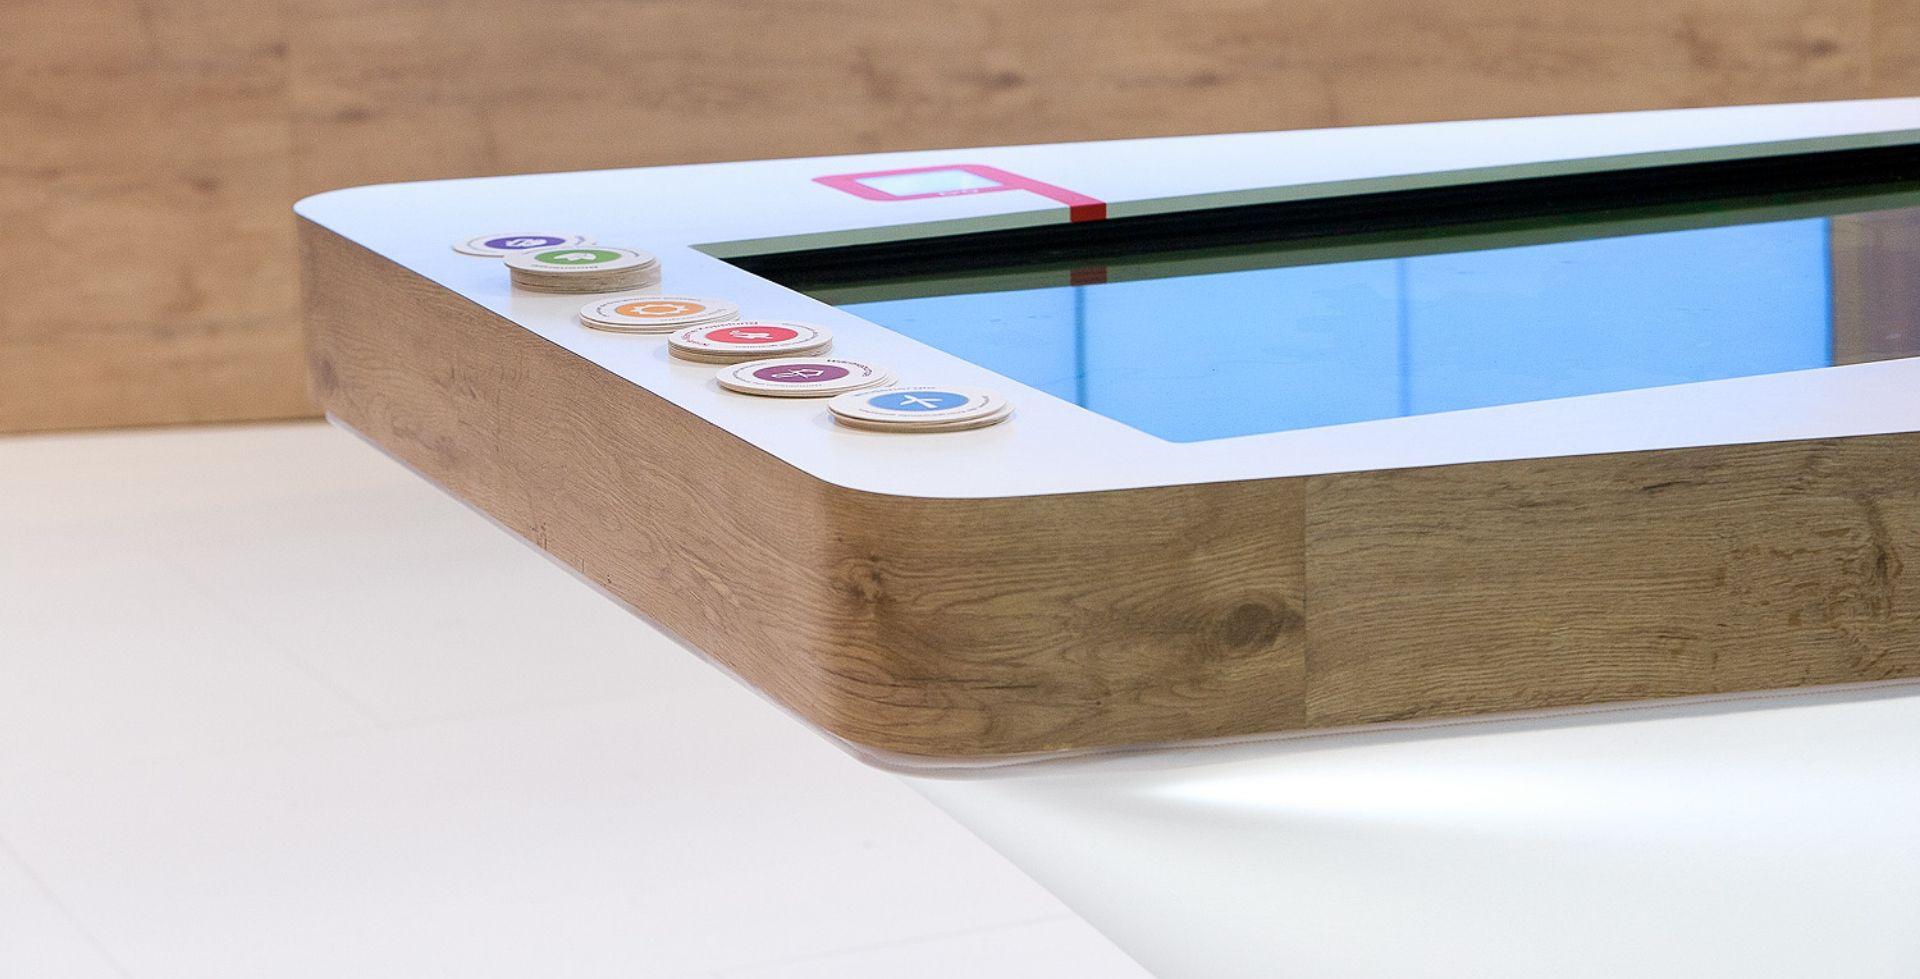 Rhein Energie - E-world - Multitouch - Objekterkennung - Videowall - Interaktiver Tisch - Touchanwendung - interactive experiences -  realtime visions